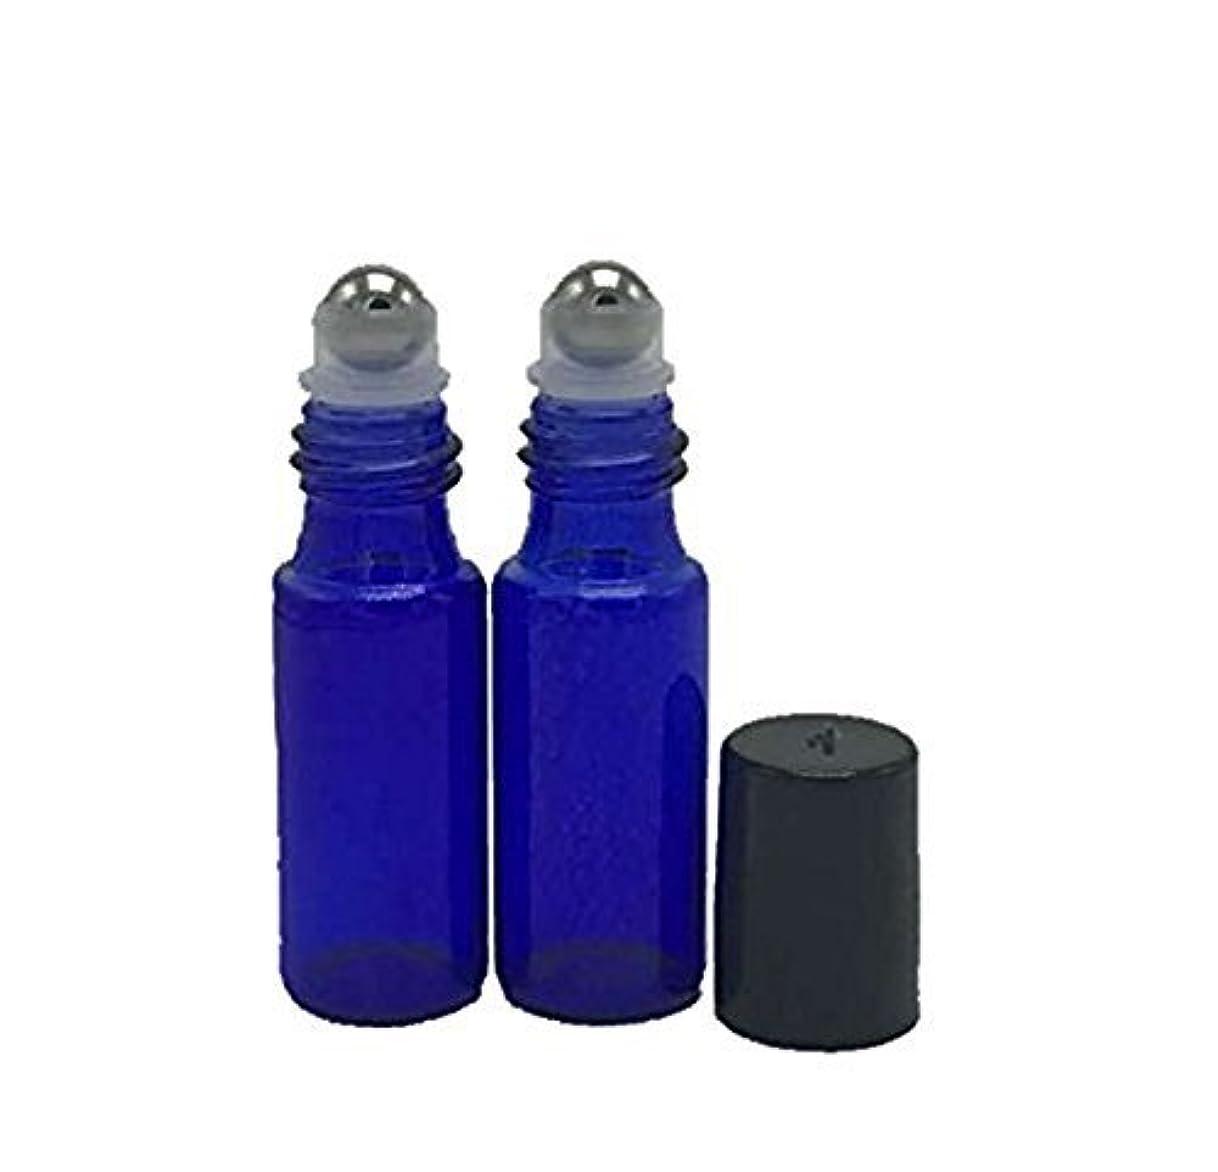 チャンピオン封建ブームHaifly 12 Pcs 5 ml Empty Refillable Rollerball Glass Bottles for Essential Oil with 3 ml Dropper Blue [並行輸入品]